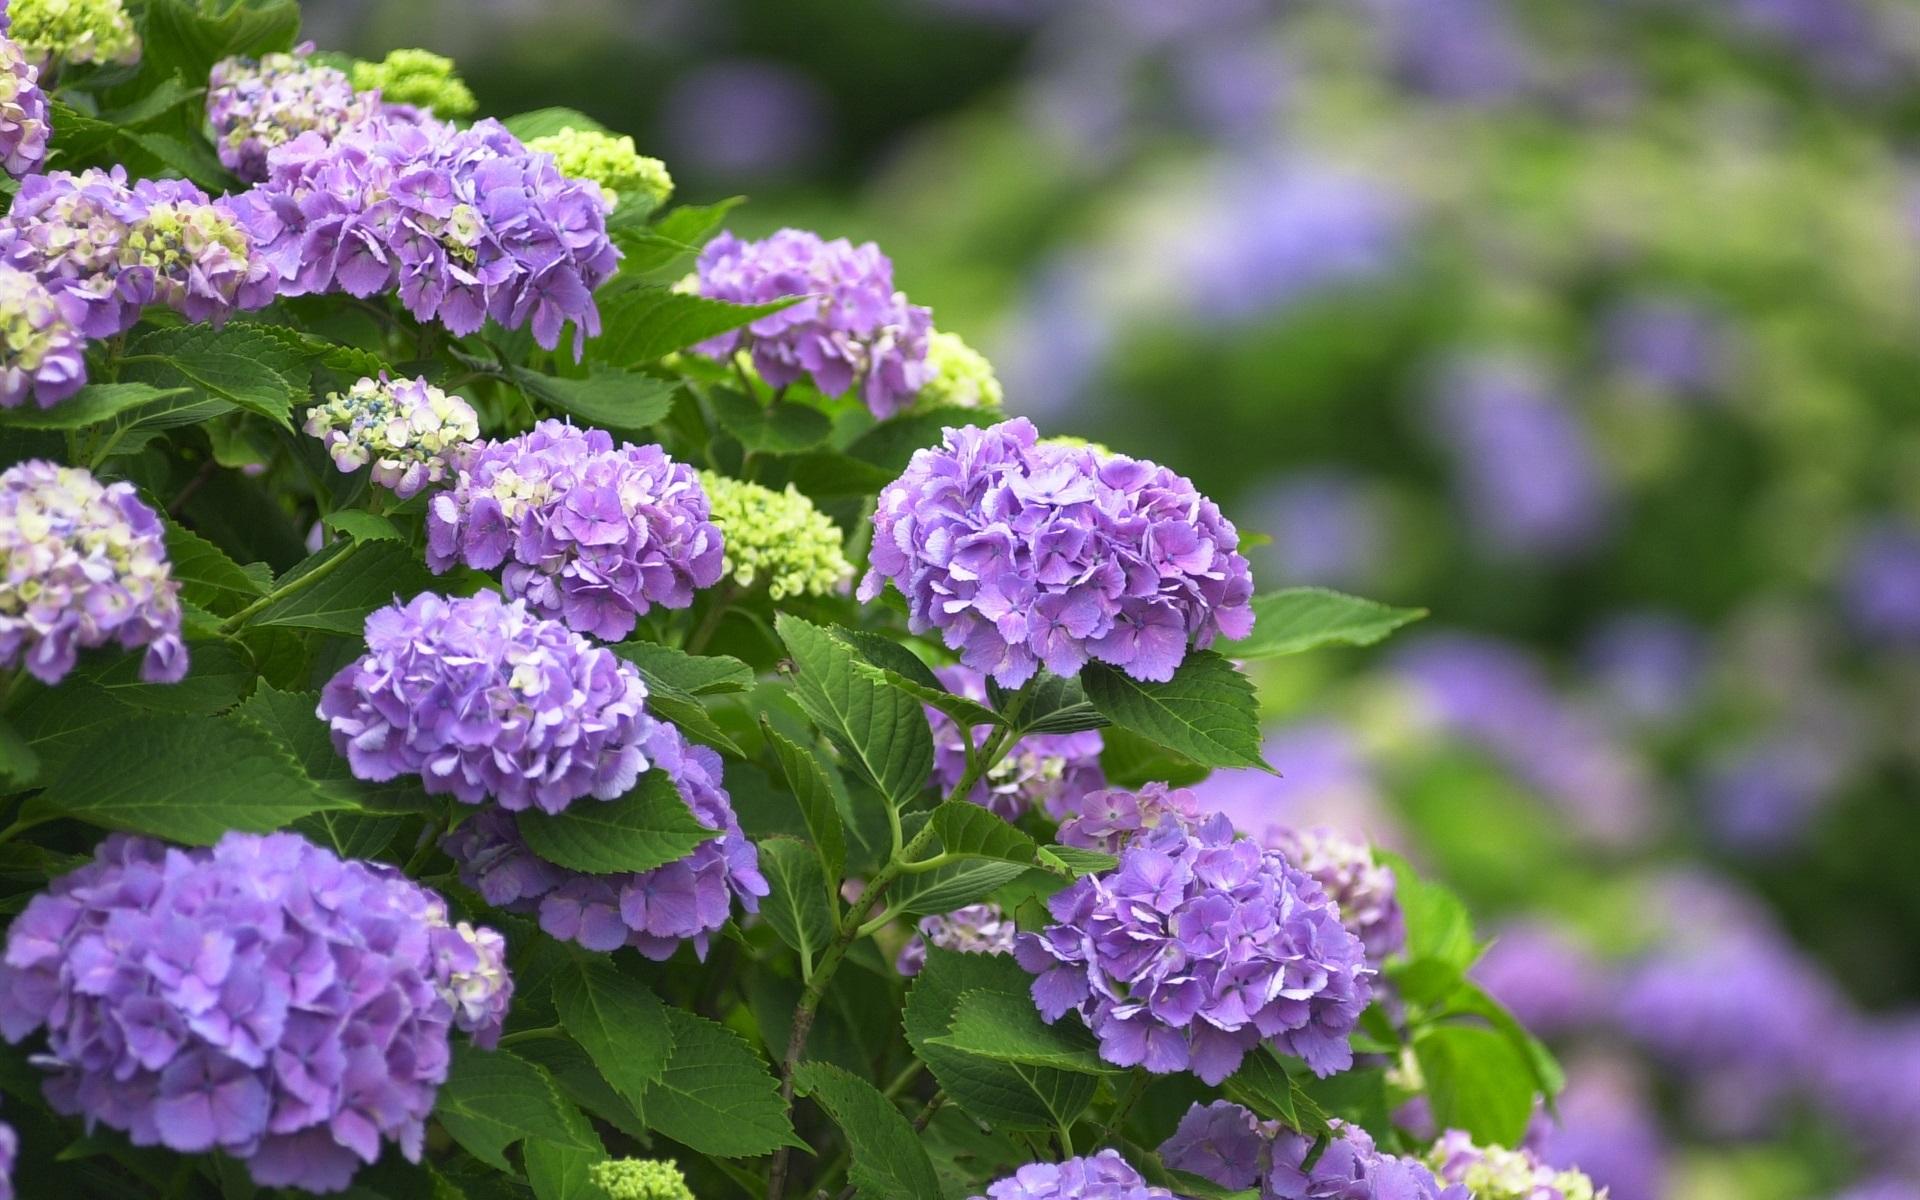 壁纸紫色的花朵 绣球花1920x1200 Hd 高清壁纸 图片 照片